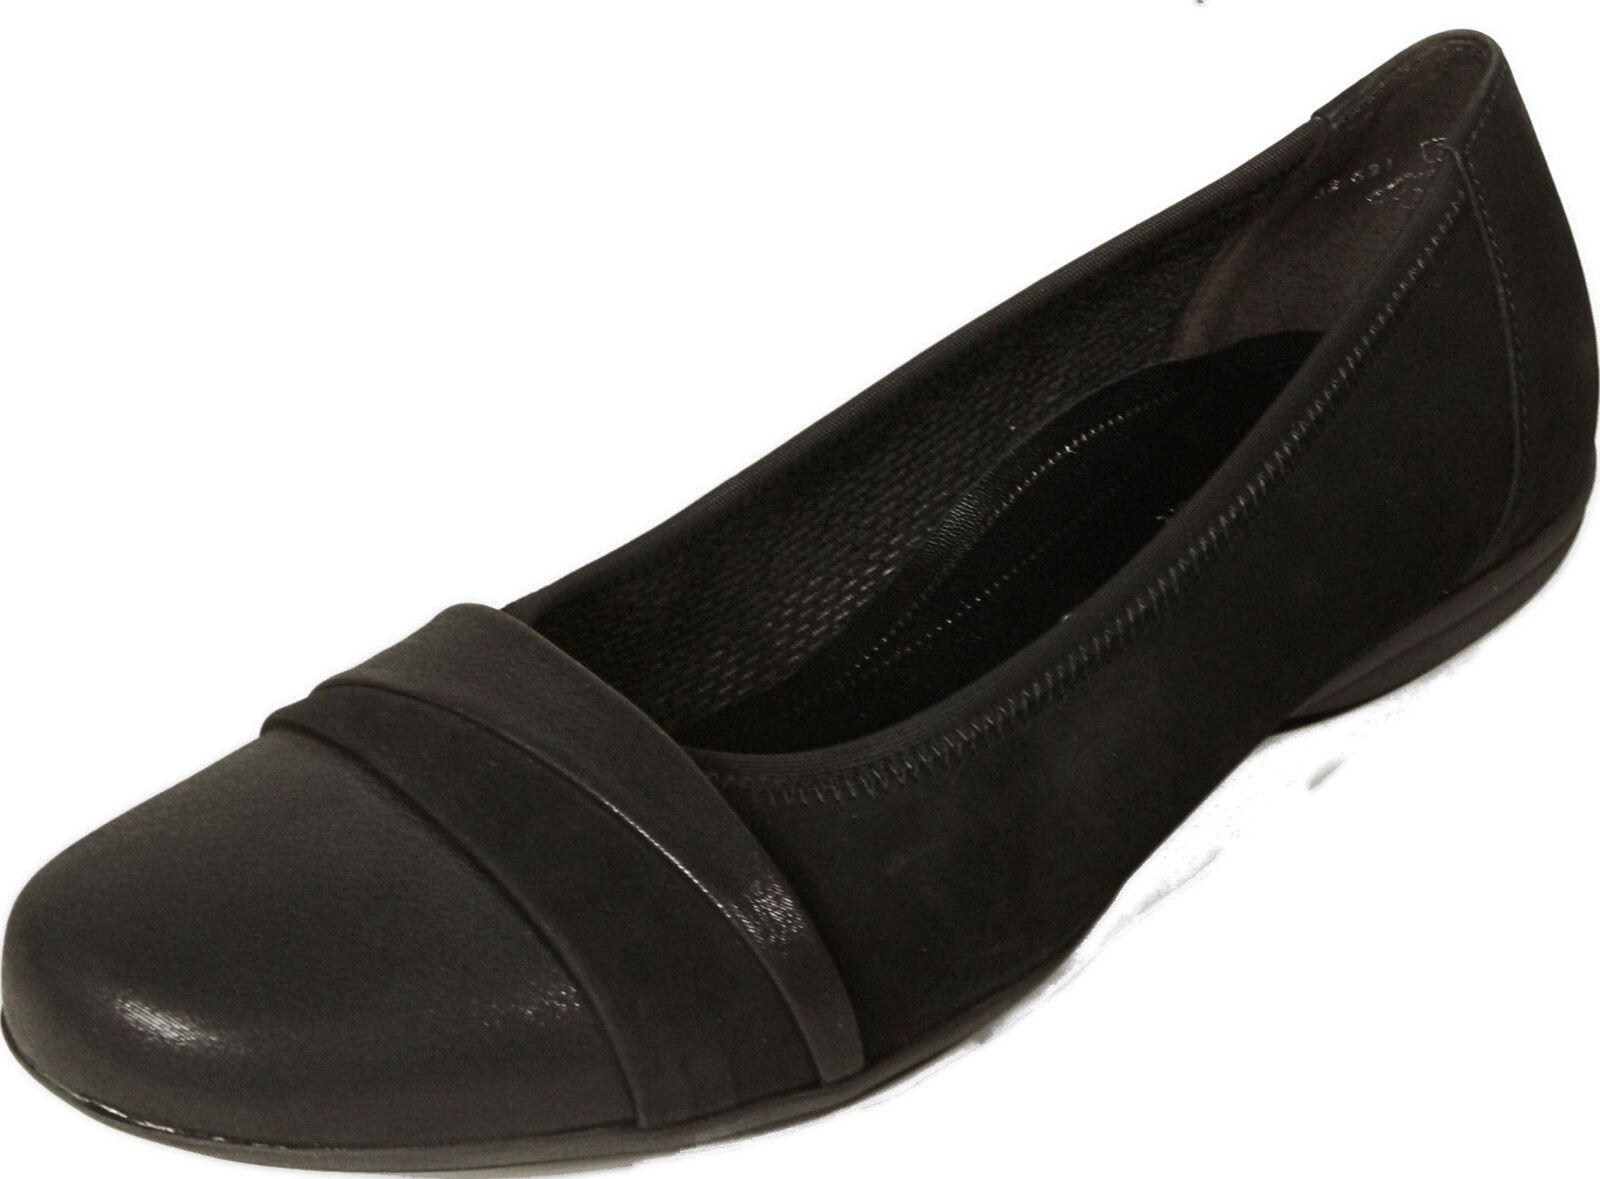 Gabor zapatos bailarinas negro ancho nobuck g cuero genuino nuevo nuevo nuevo  Tu satisfacción es nuestro objetivo